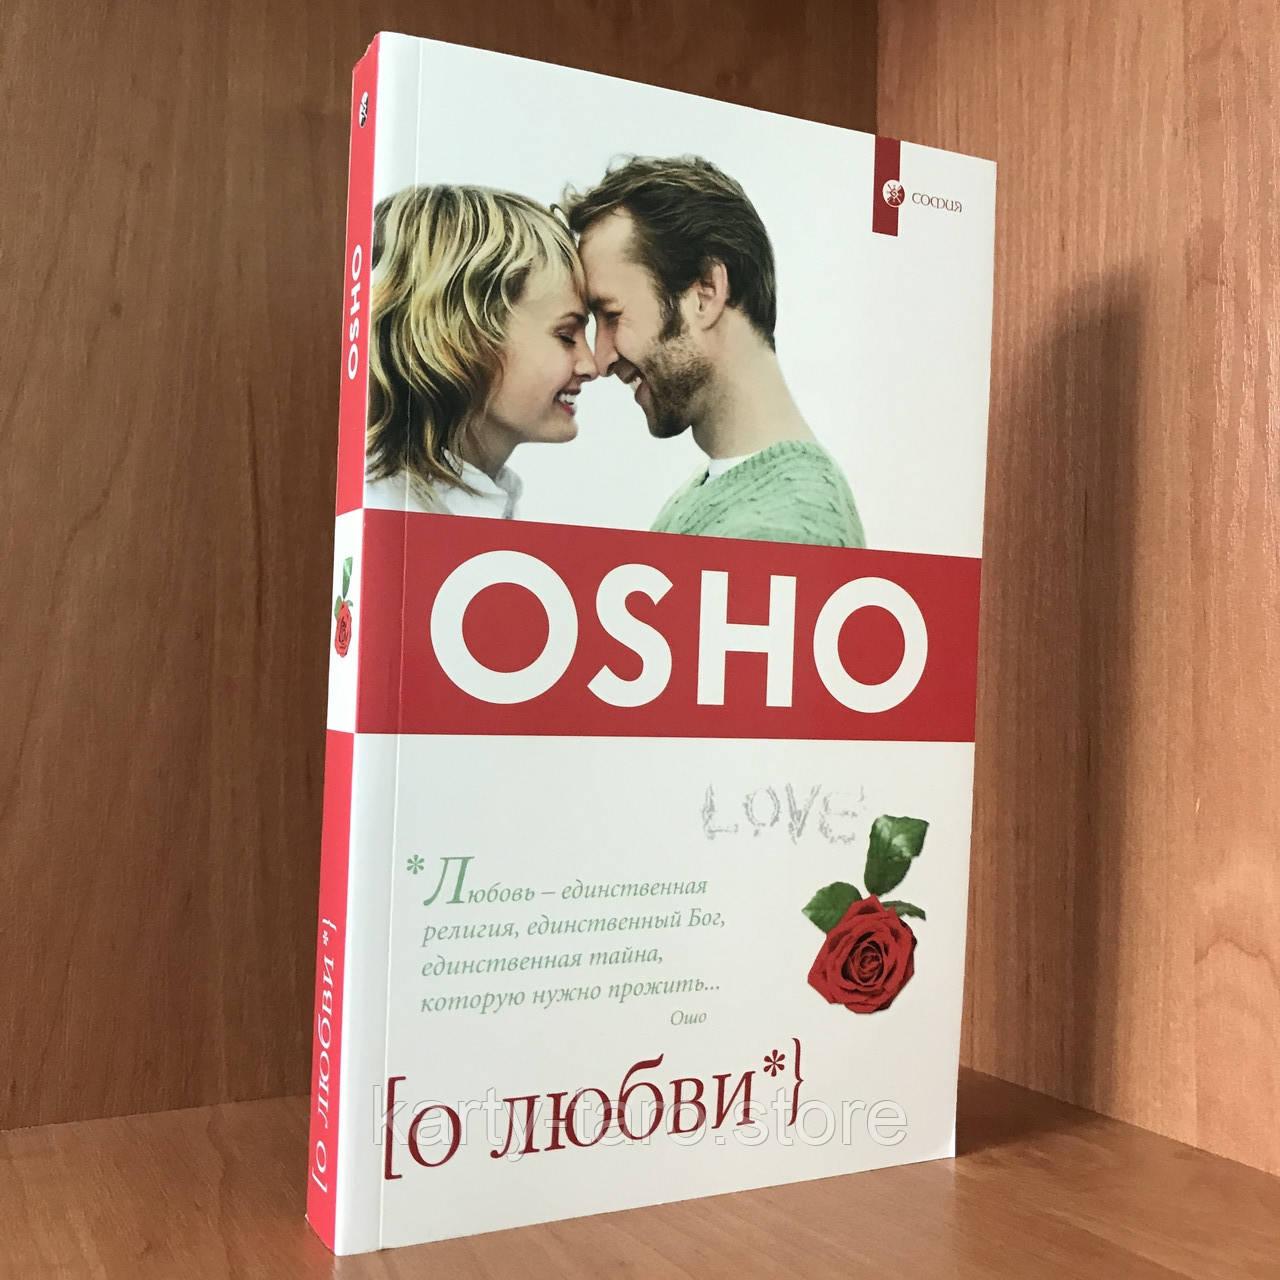 Книга Про кохання - Ошо Раджніш